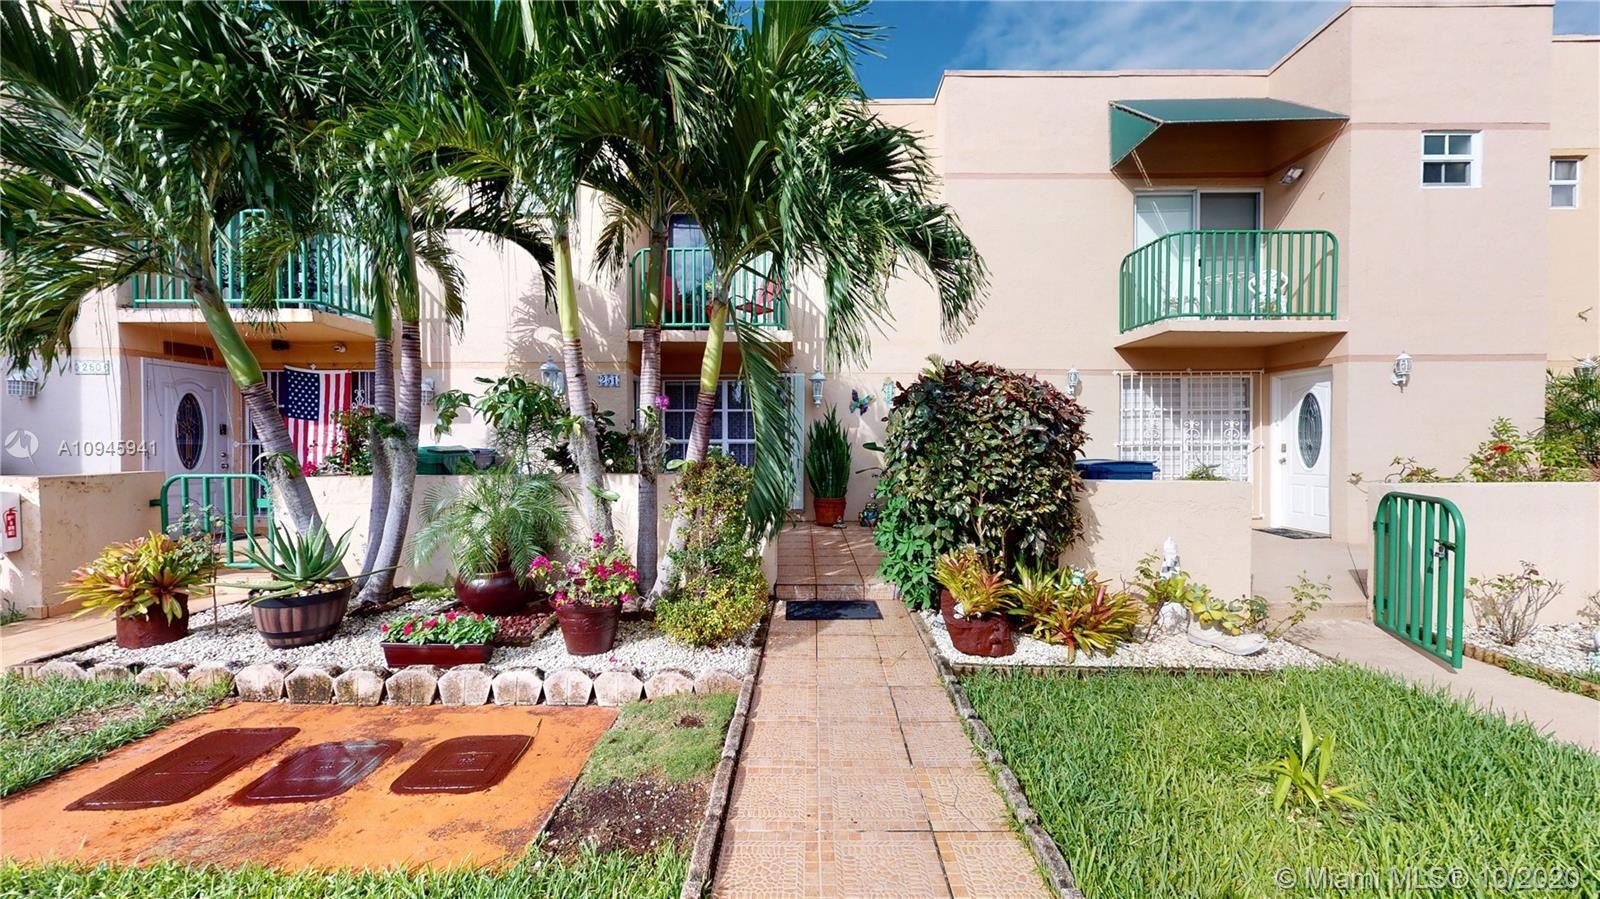 1900 SW 121st Ct #251, Miami, FL 33175 - #: A10945941